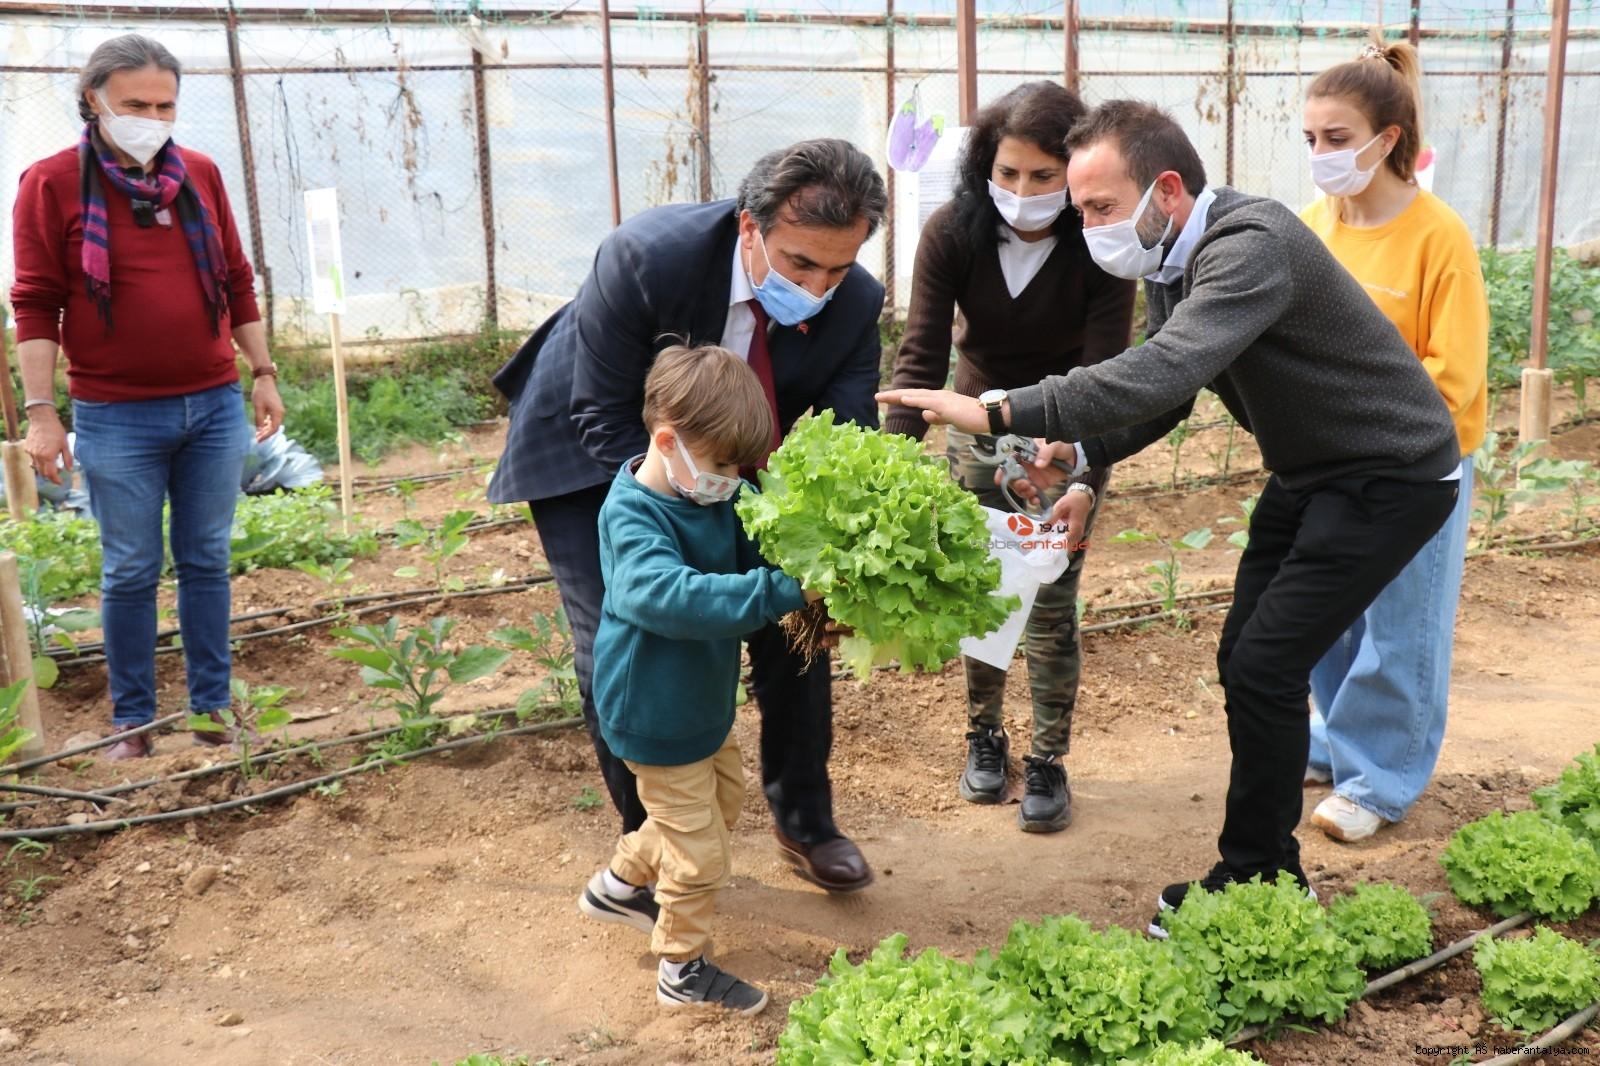 2021/04/minikler-serada-organik-sebze-yetistiriyor-20210415AW29-5.jpg